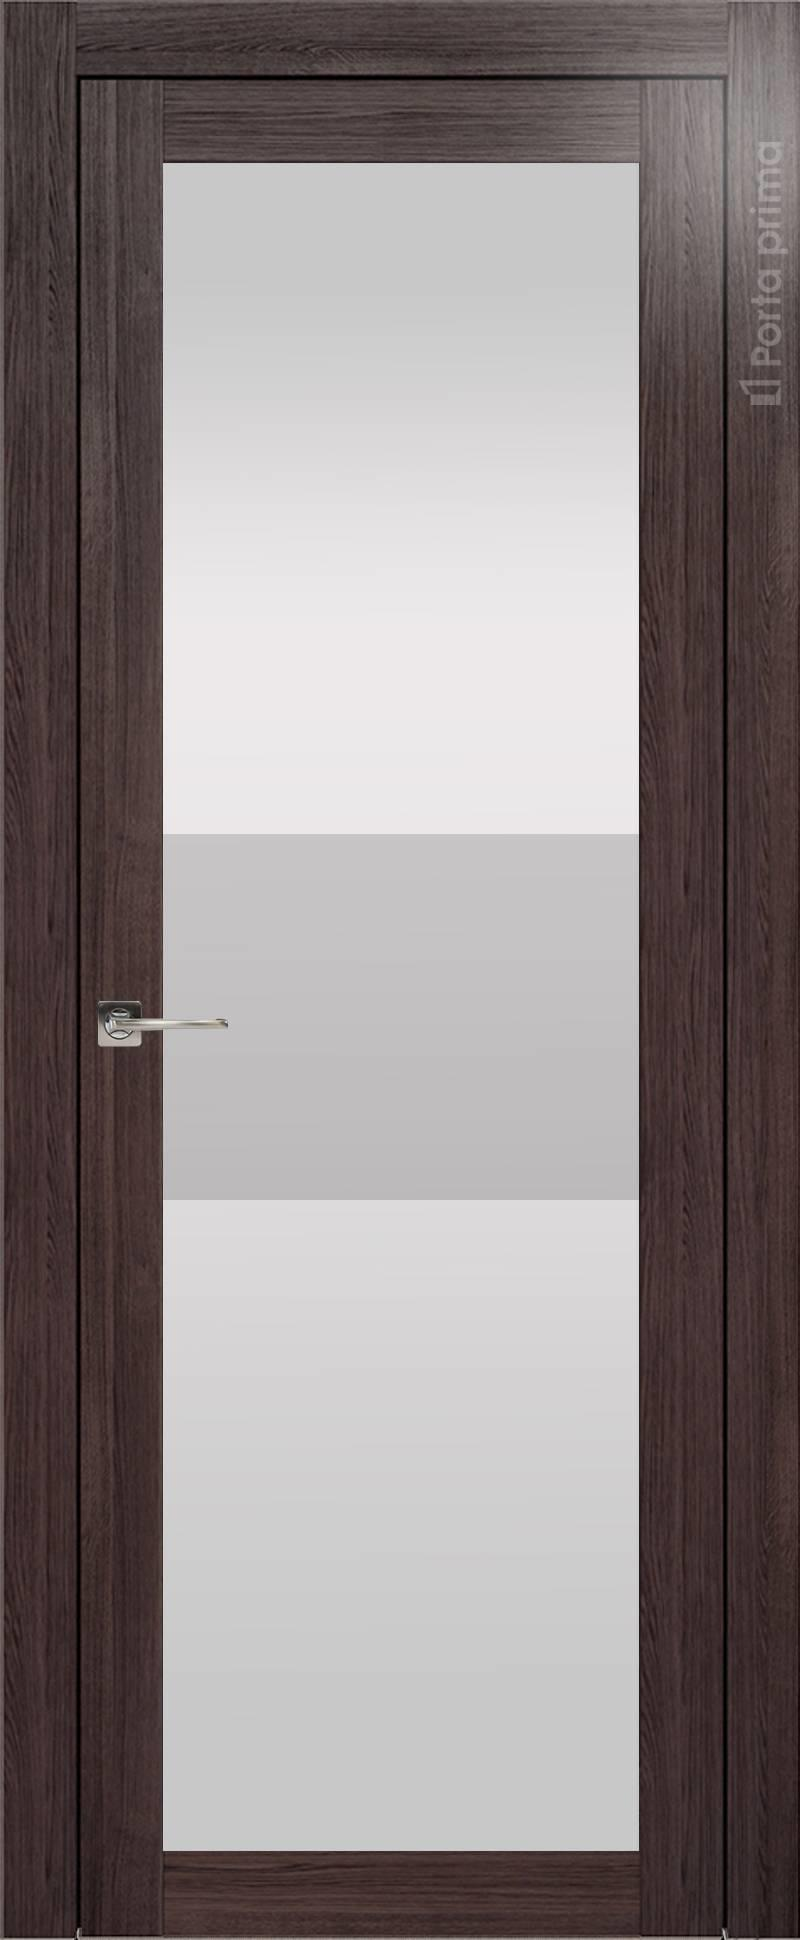 Tivoli З-4 цвет - Венге Нуар Со стеклом (ДО)